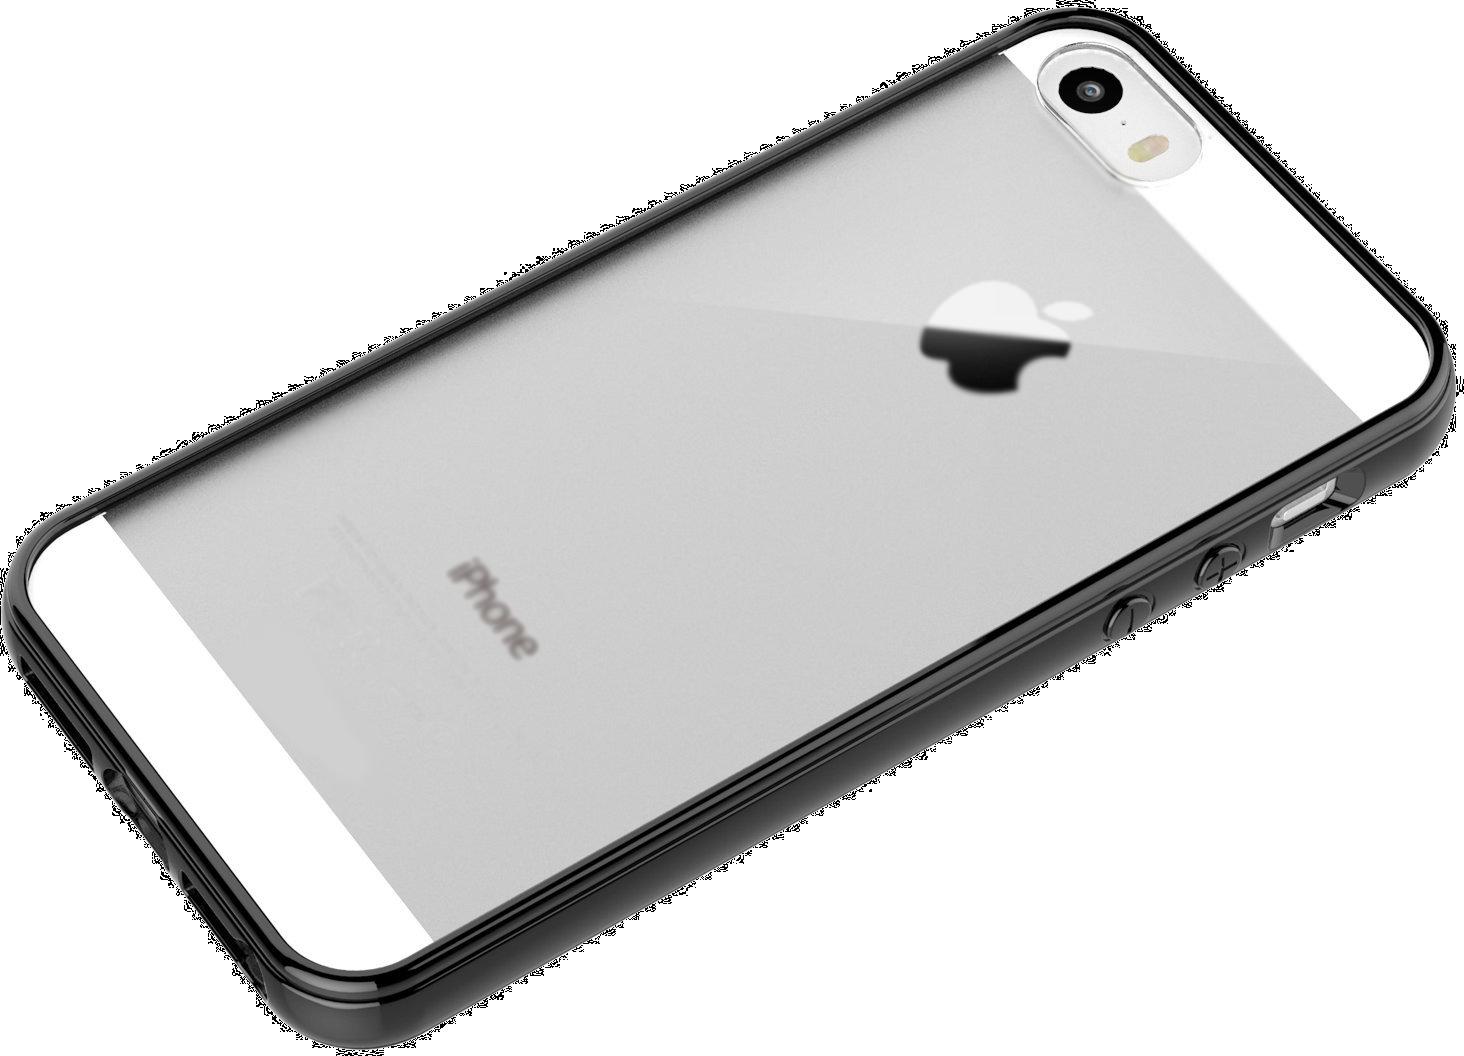 Ochranný obal kryt pouzdro Shadow Hybrid průhledný matný černý pro iPhone 5s a iPhone 5.